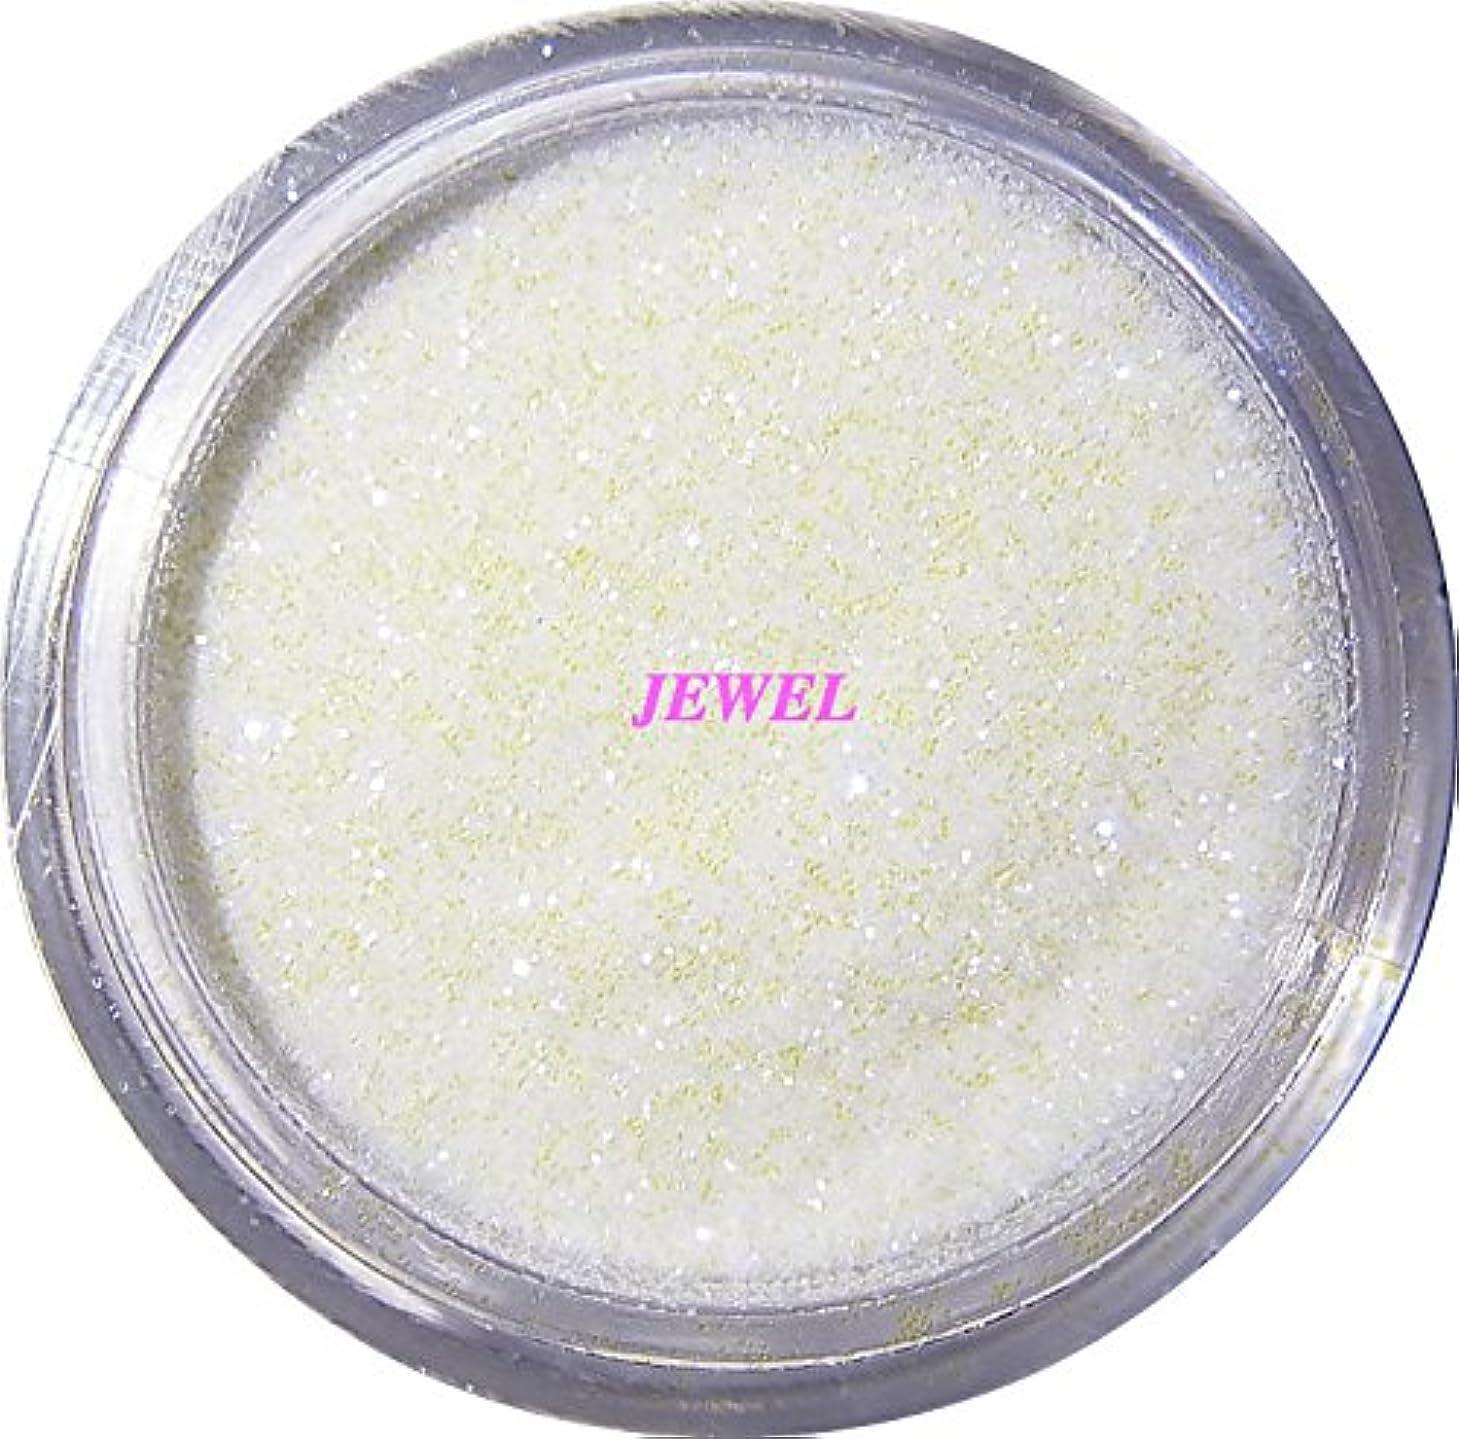 意味するアクティブ格差【jewel】 超微粒子ラメパウダー(白/パールホワイト) 256/1サイズ 2g入り グリッター レジン&ネイル用